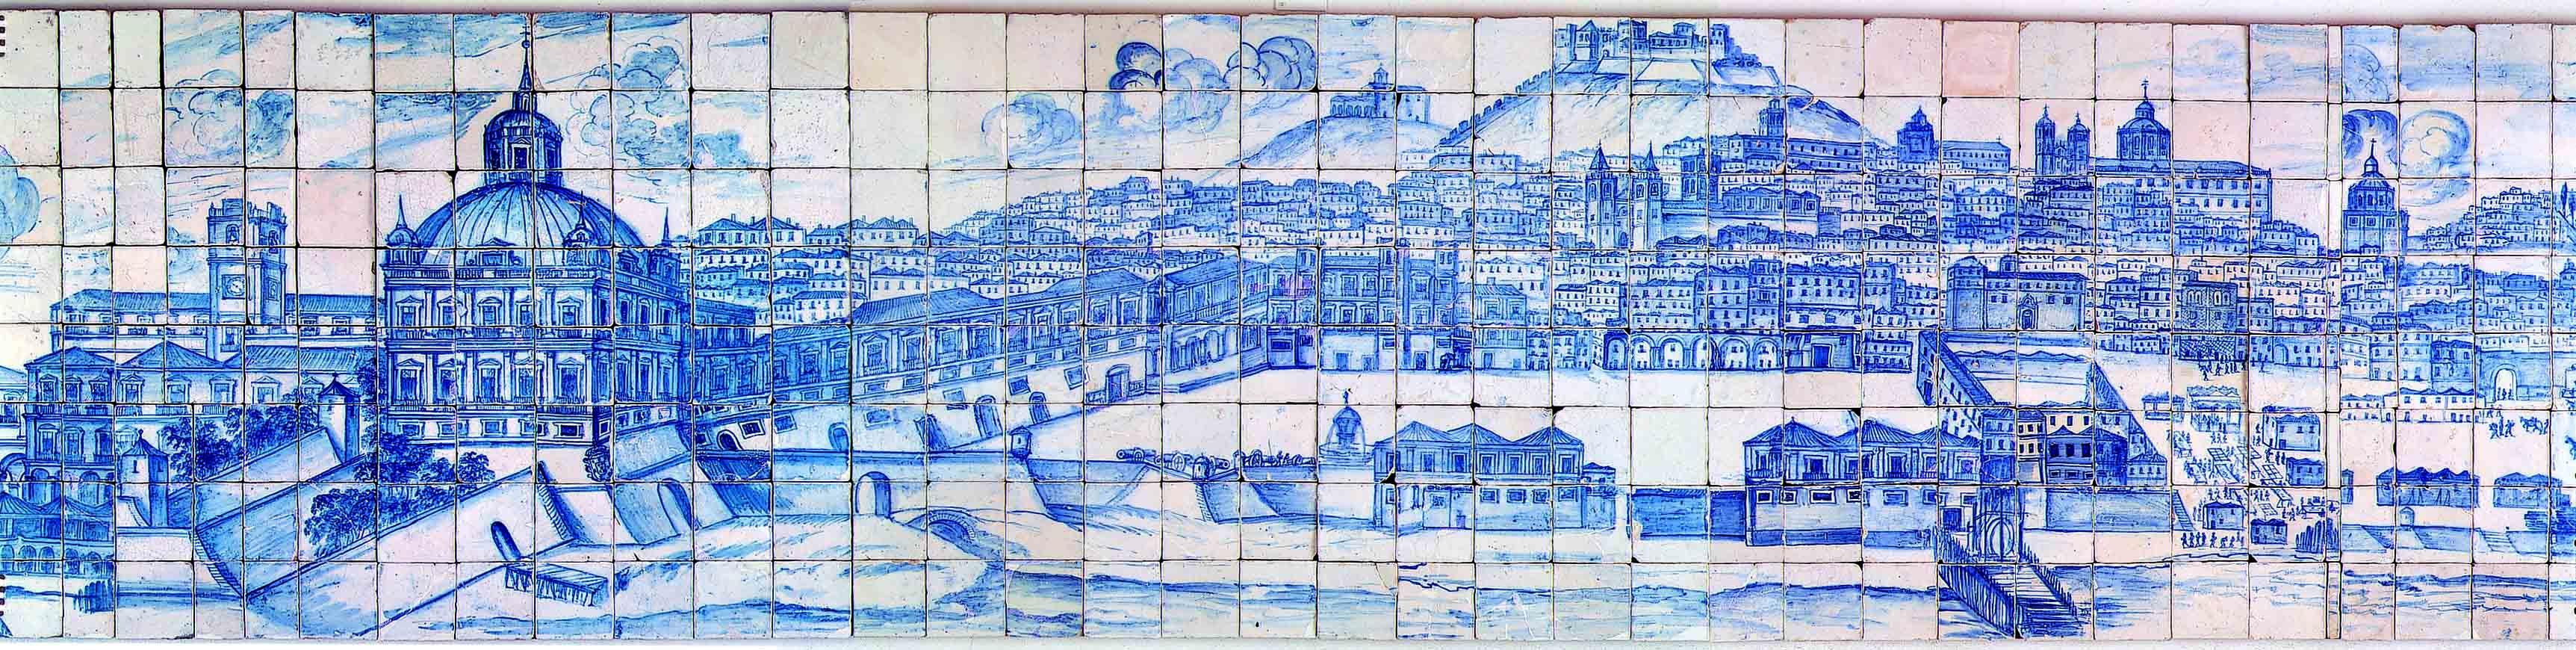 Imagem cedida gentilemente pelo museu do azulejo de Lisboa